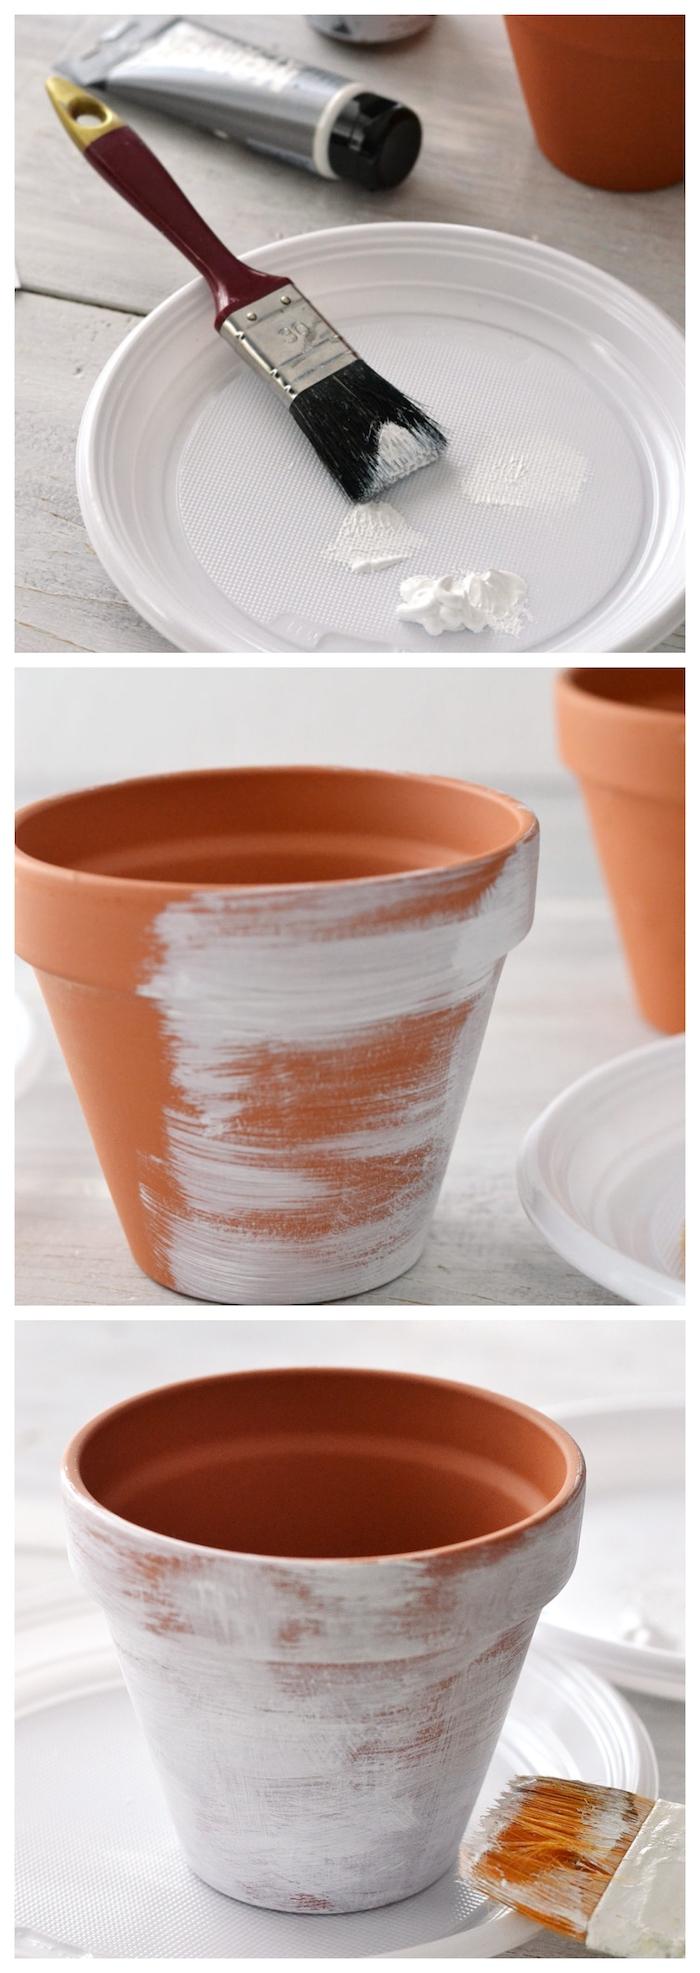 comment vieillir un pot de fleur effet patine blanche sur une surface de terre cuite, idee deco exterieur pas cher